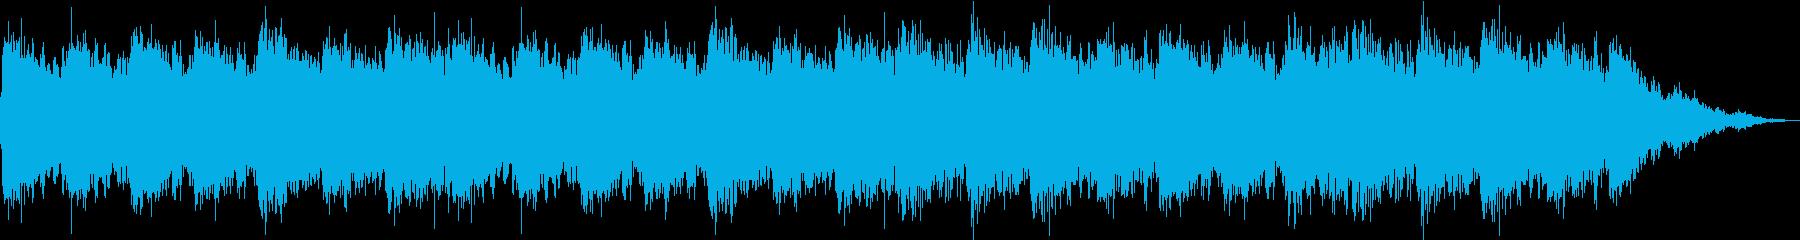 ピアノが優しく響くヒーリング音楽の再生済みの波形